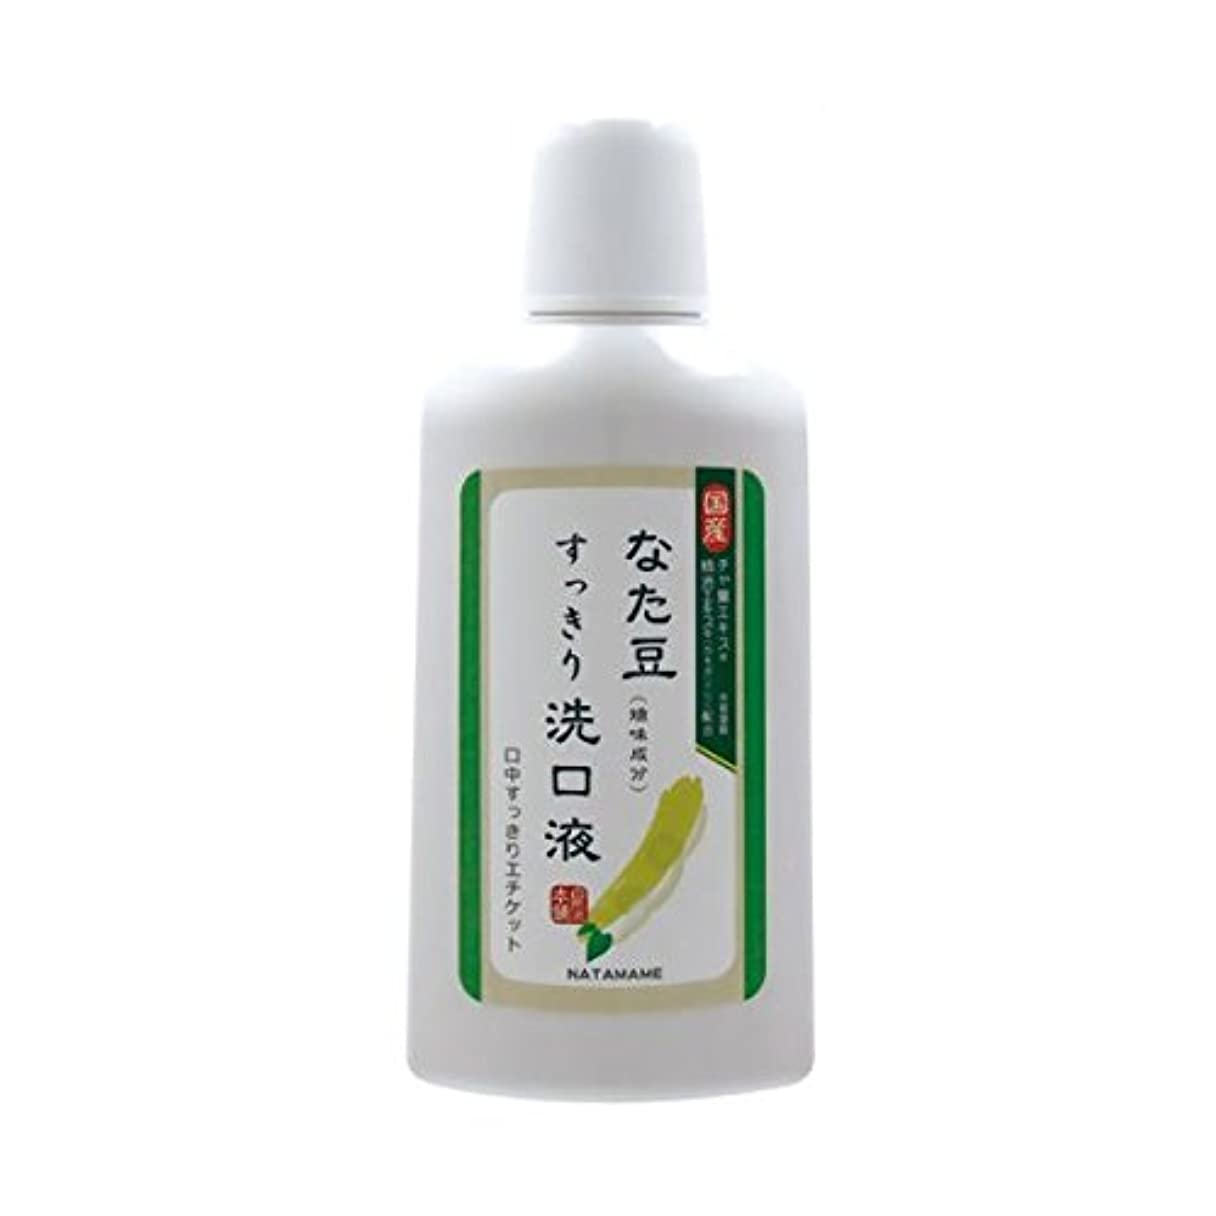 《セット販売》 なた豆すっきり洗口液 なた豆 洗口液 (500ml)×2個セット